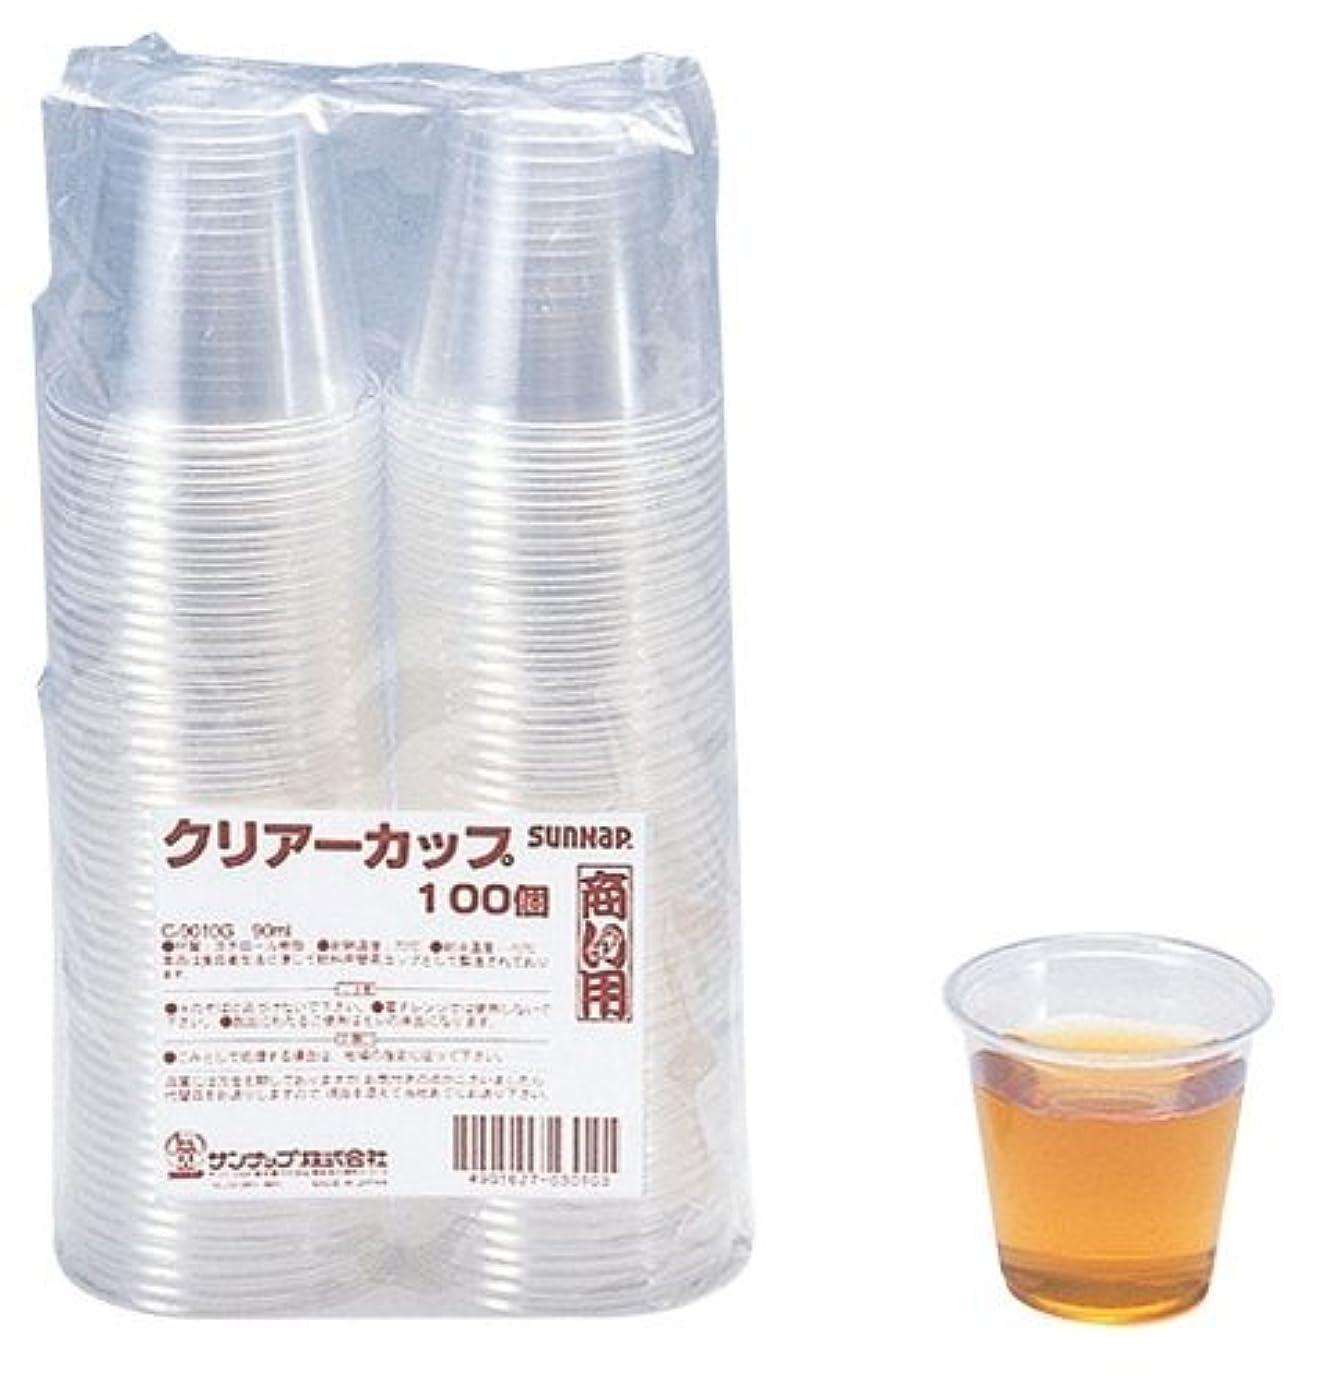 体現する在庫コート(まとめ買い) サンナップ 商い用クリアーカップ 90ml 100個 C-9010G 【×3】